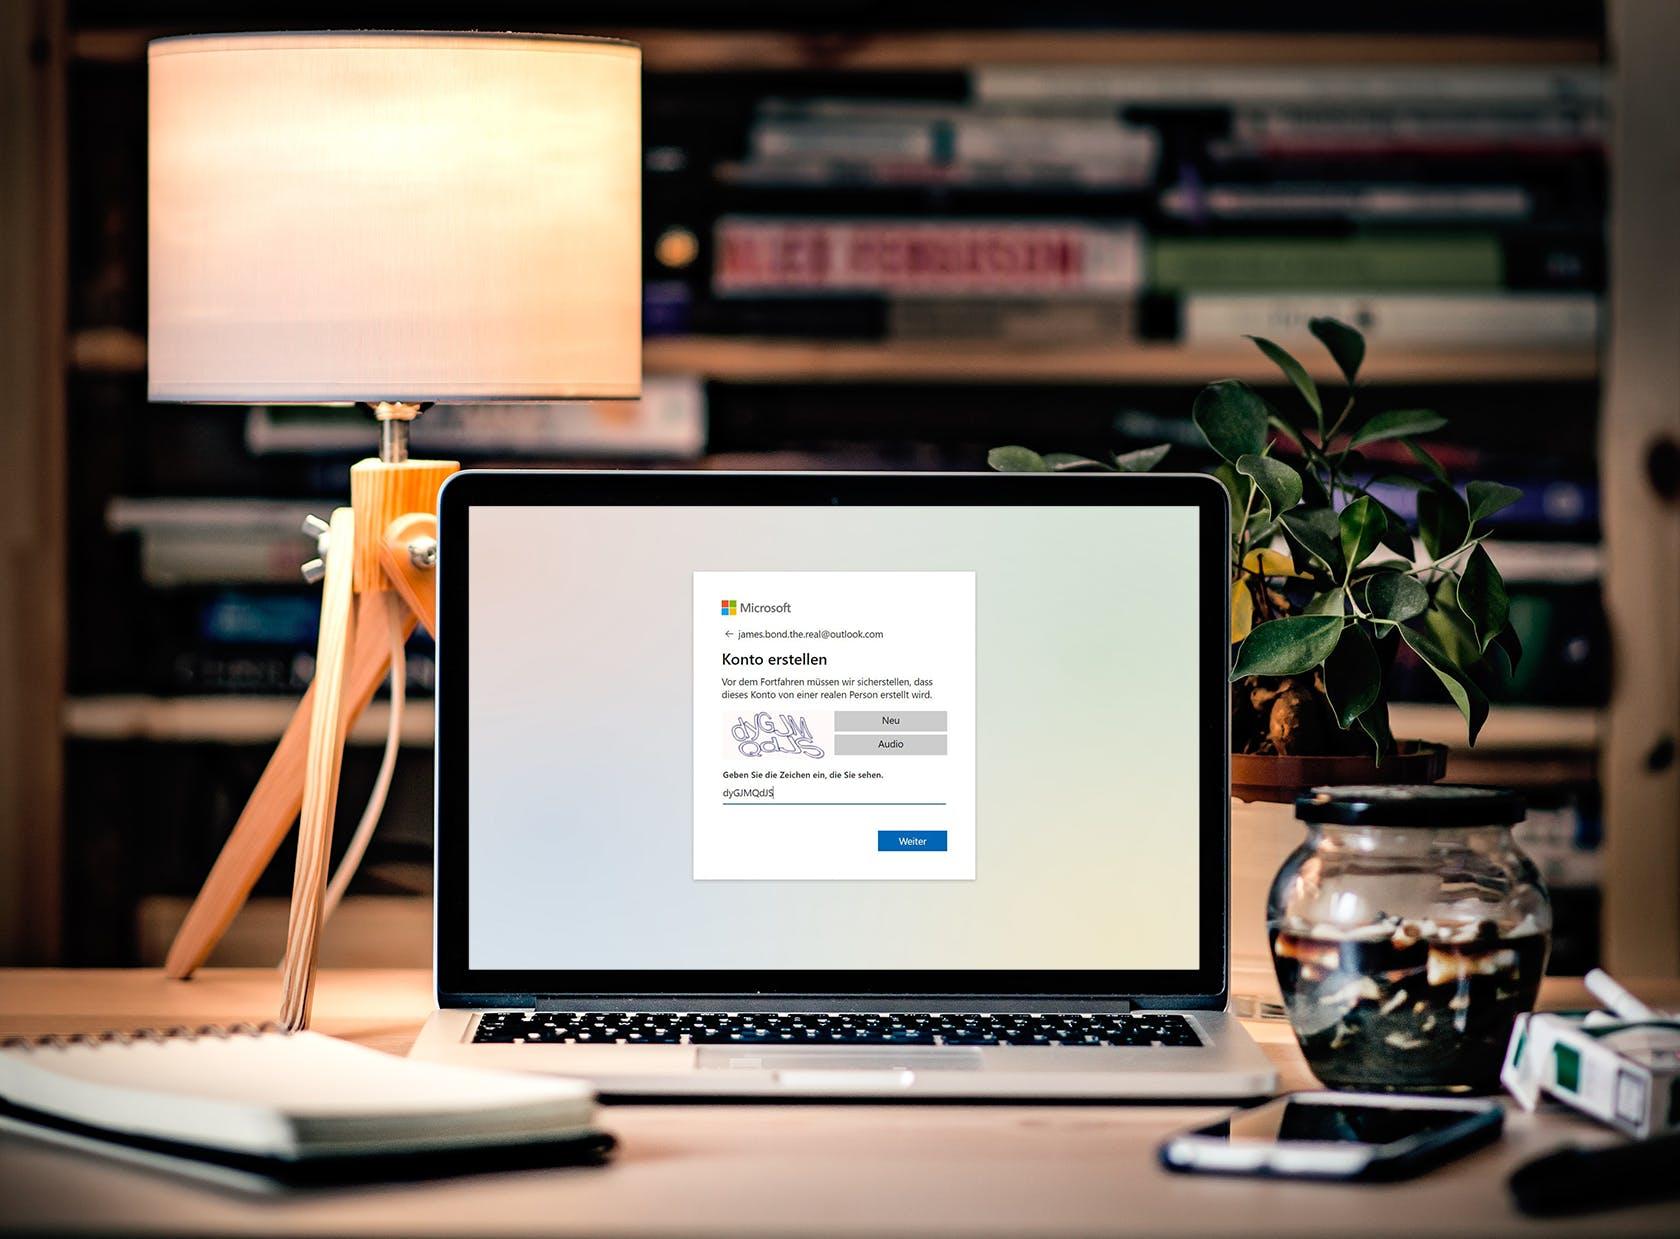 Microsoft überprüft beim Erstellen einer Outlook-E-Mail-Adresse lediglich mittels Zeichenerkennung, ob ich ein Mensch und keine Maschine bin. (Quelle: Skribble, © Unsplash)